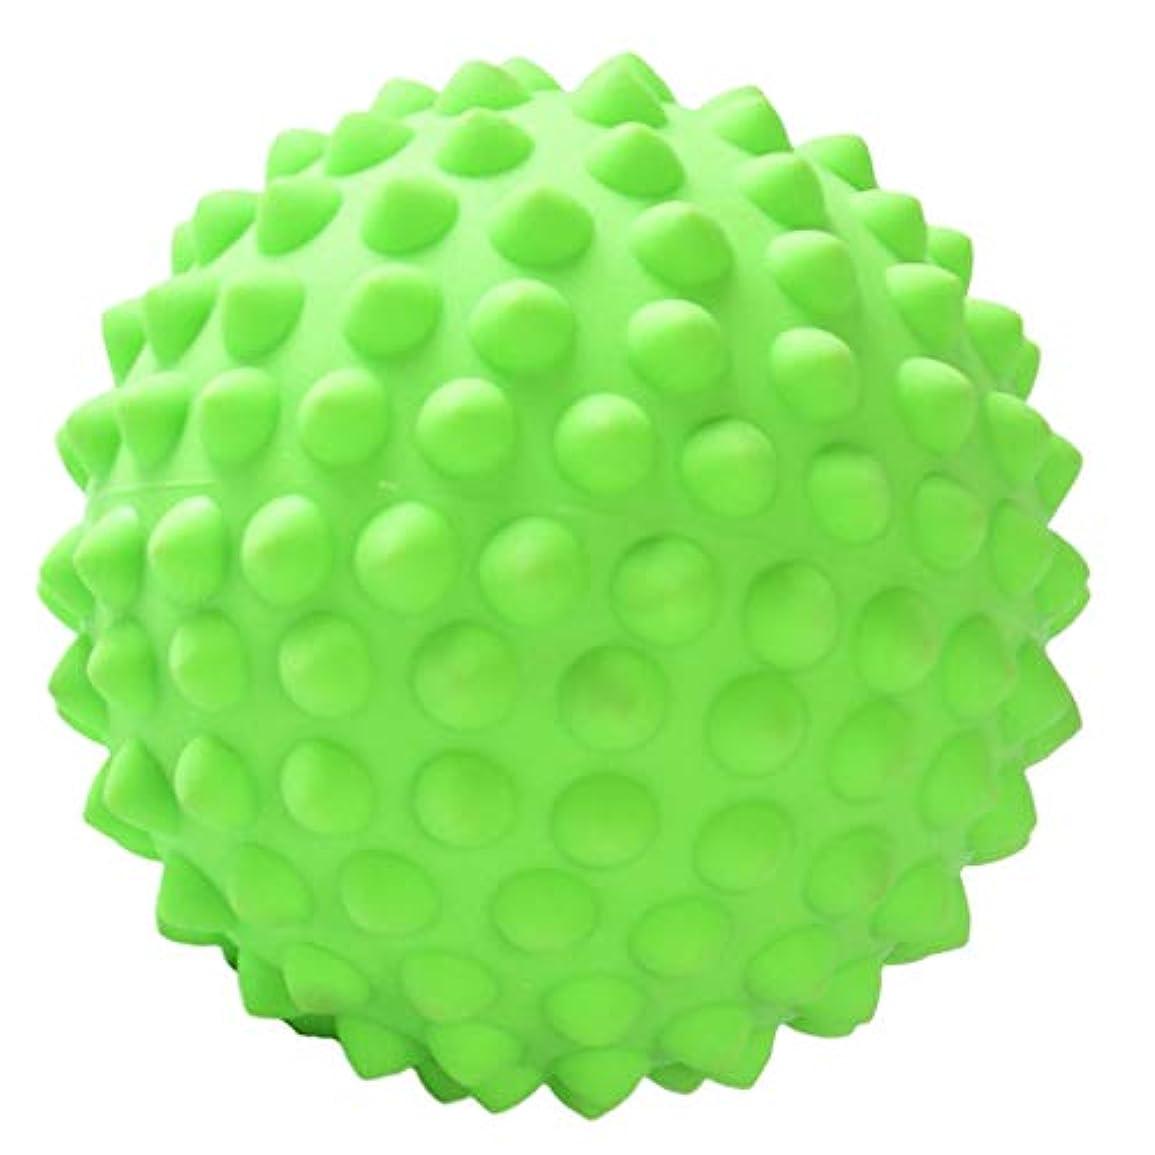 スリンク抵抗するピボットBaoblaze マッサージボール 約9 cm ツボ押し ジム オフィス 自宅用 3色選べ - 緑, 説明のとおり